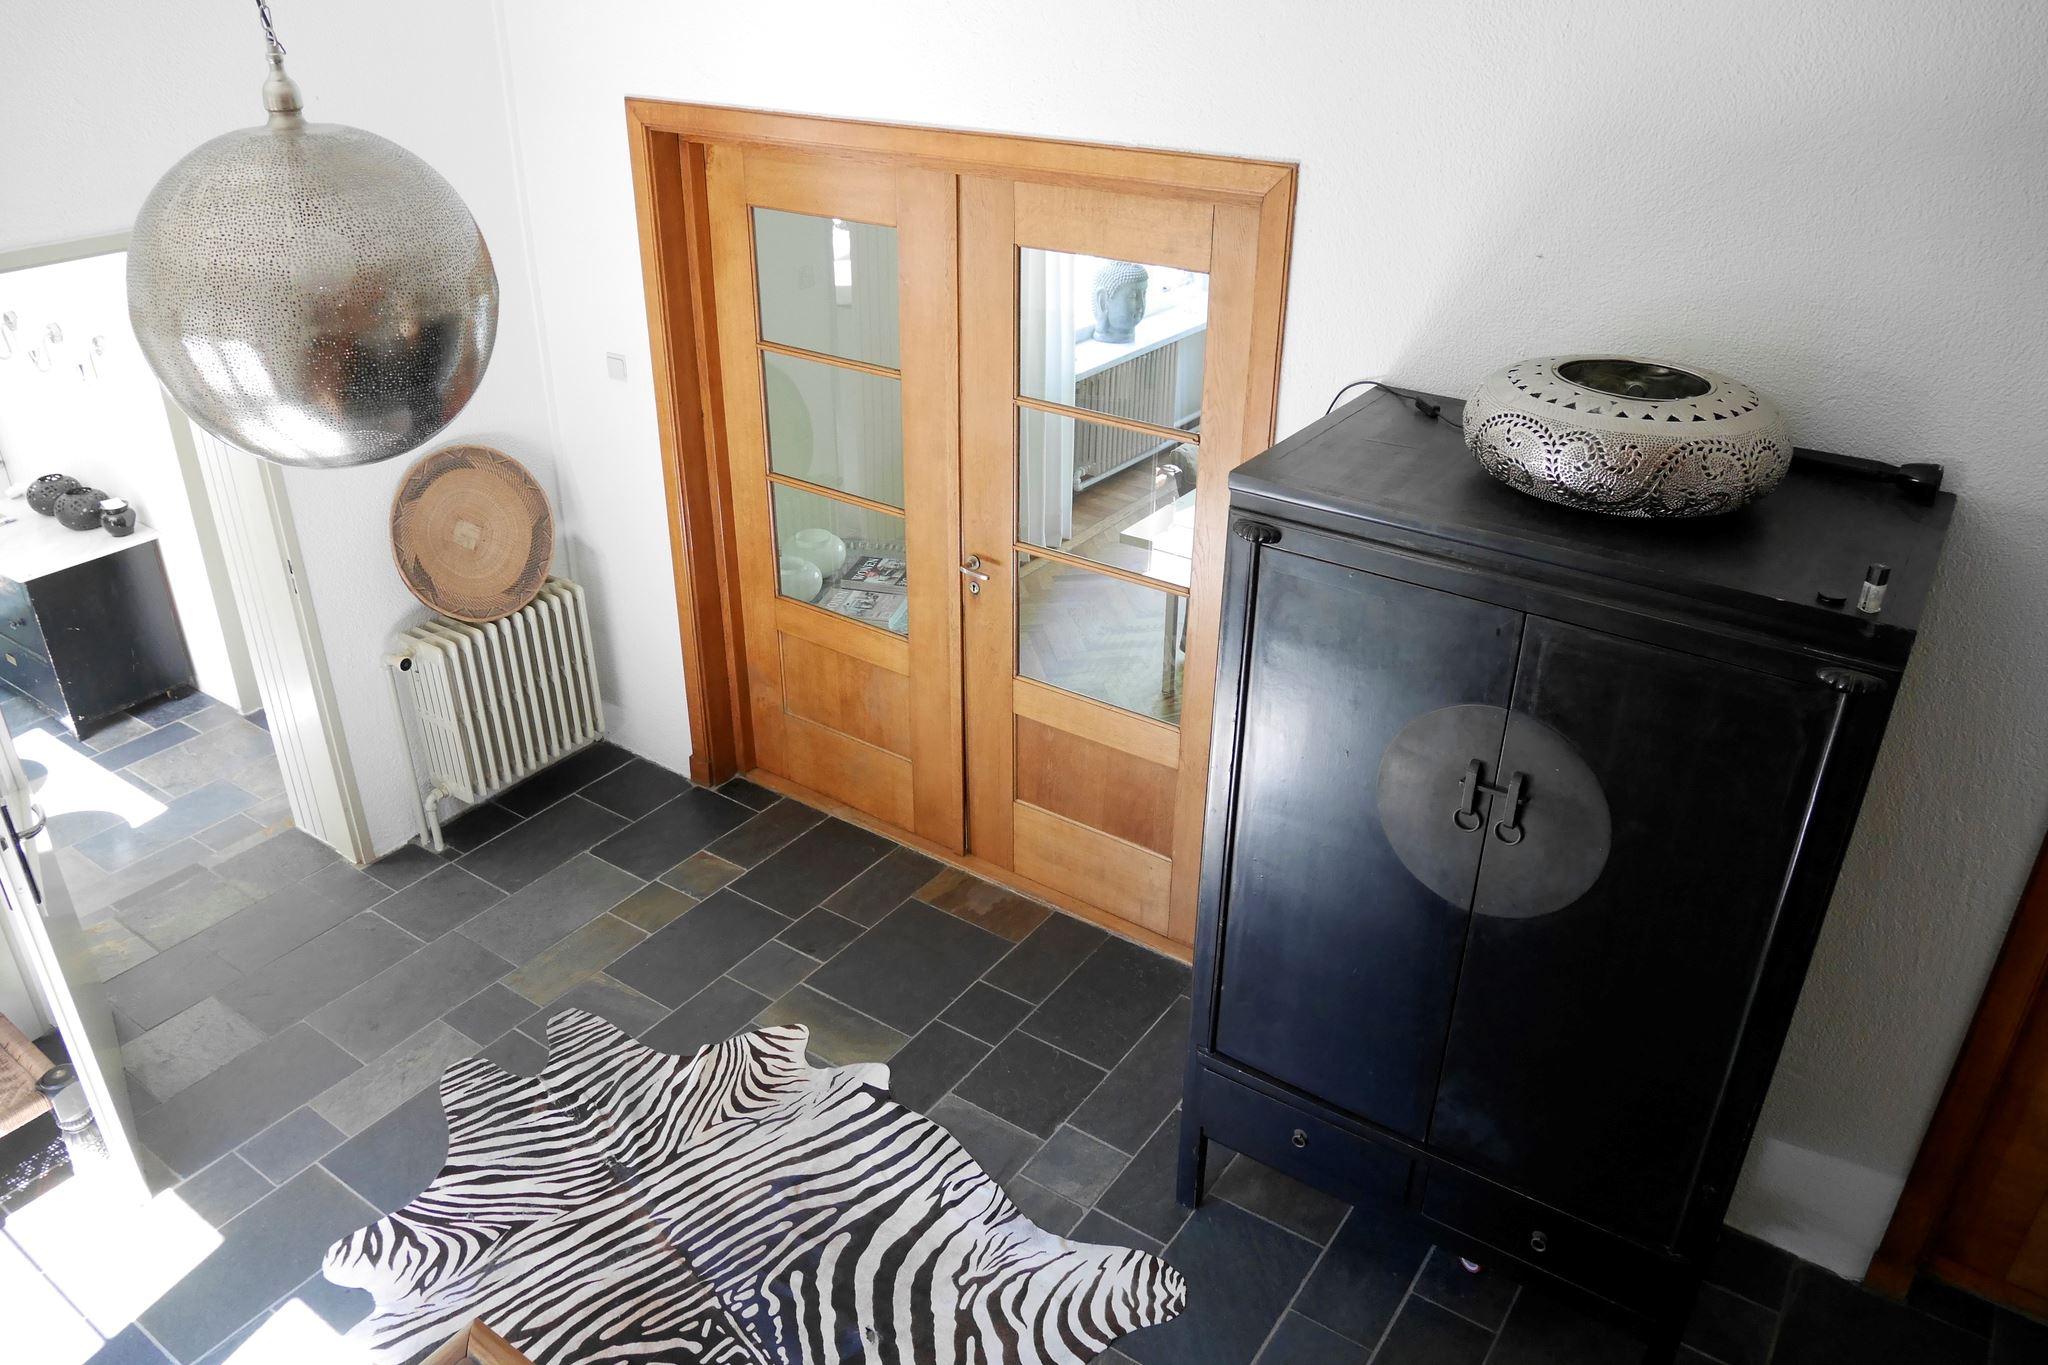 Huis te koop axelsestraat 245 4537 aw terneuzen funda for M2 trap berekenen